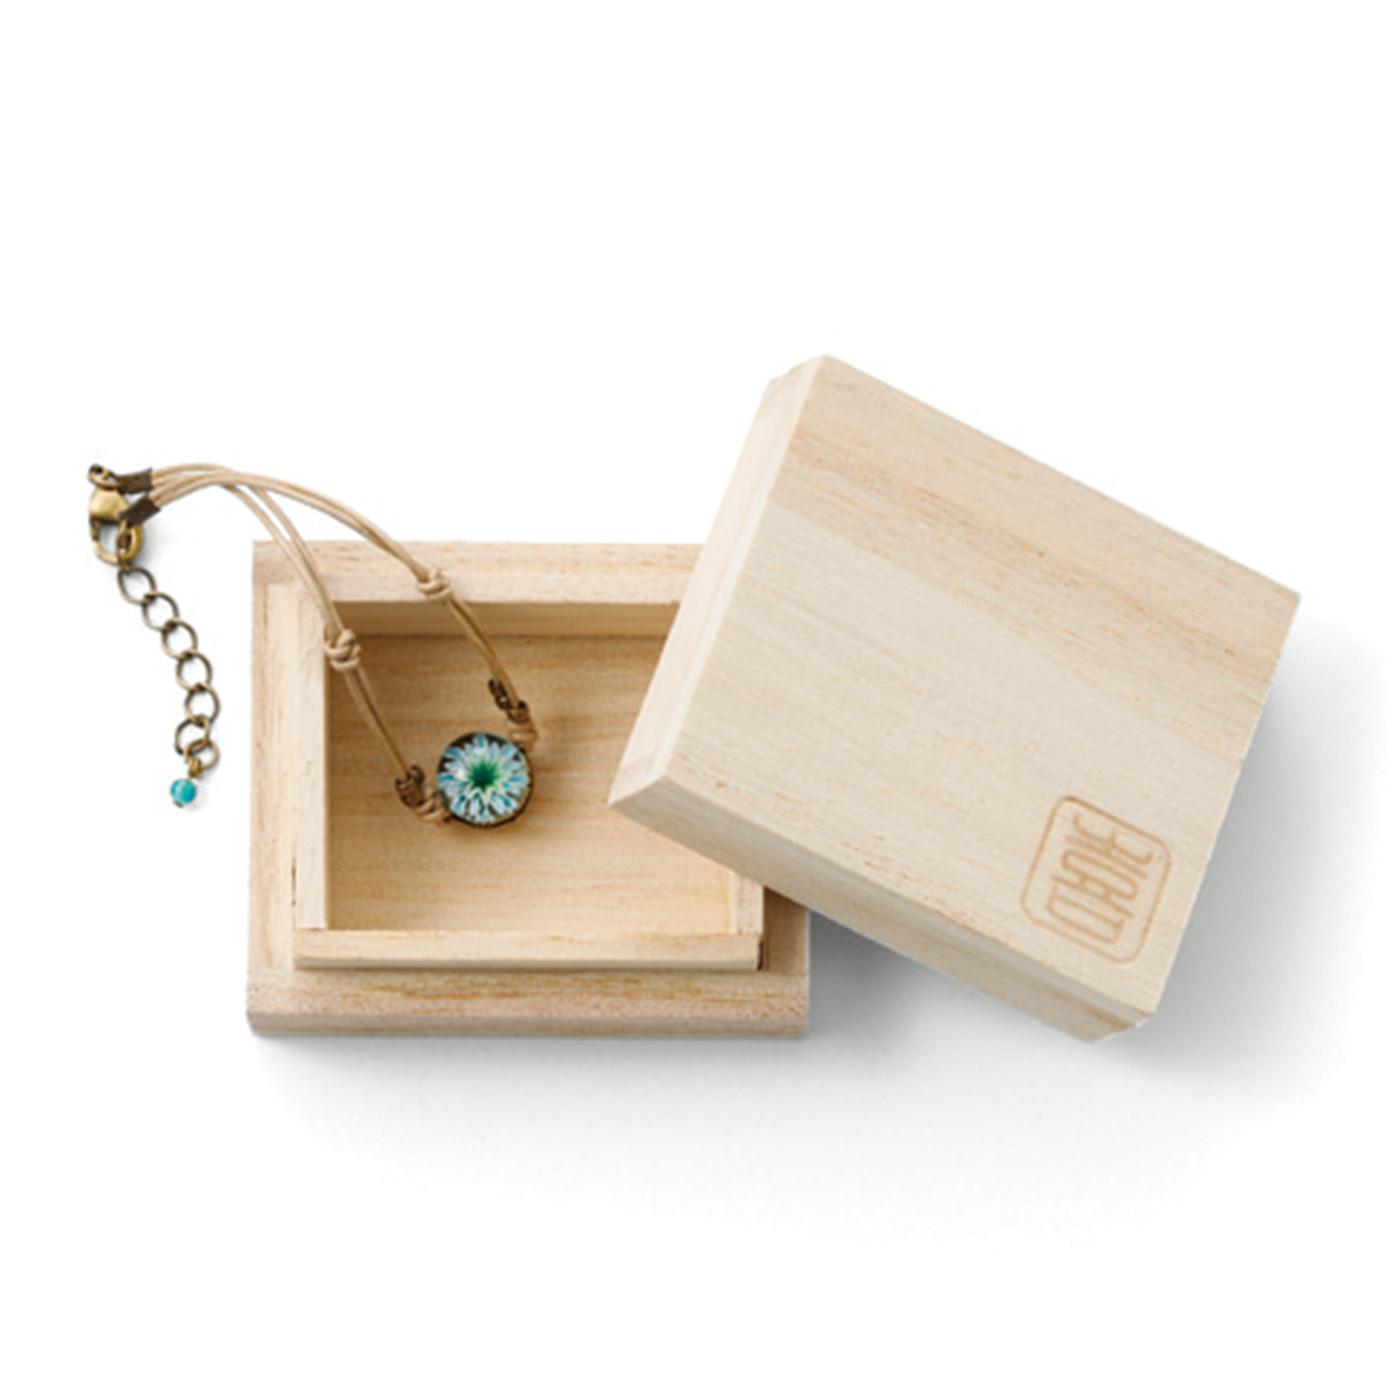 桐の箱に入れて、大切にお届け。贈りものにもぴったり。